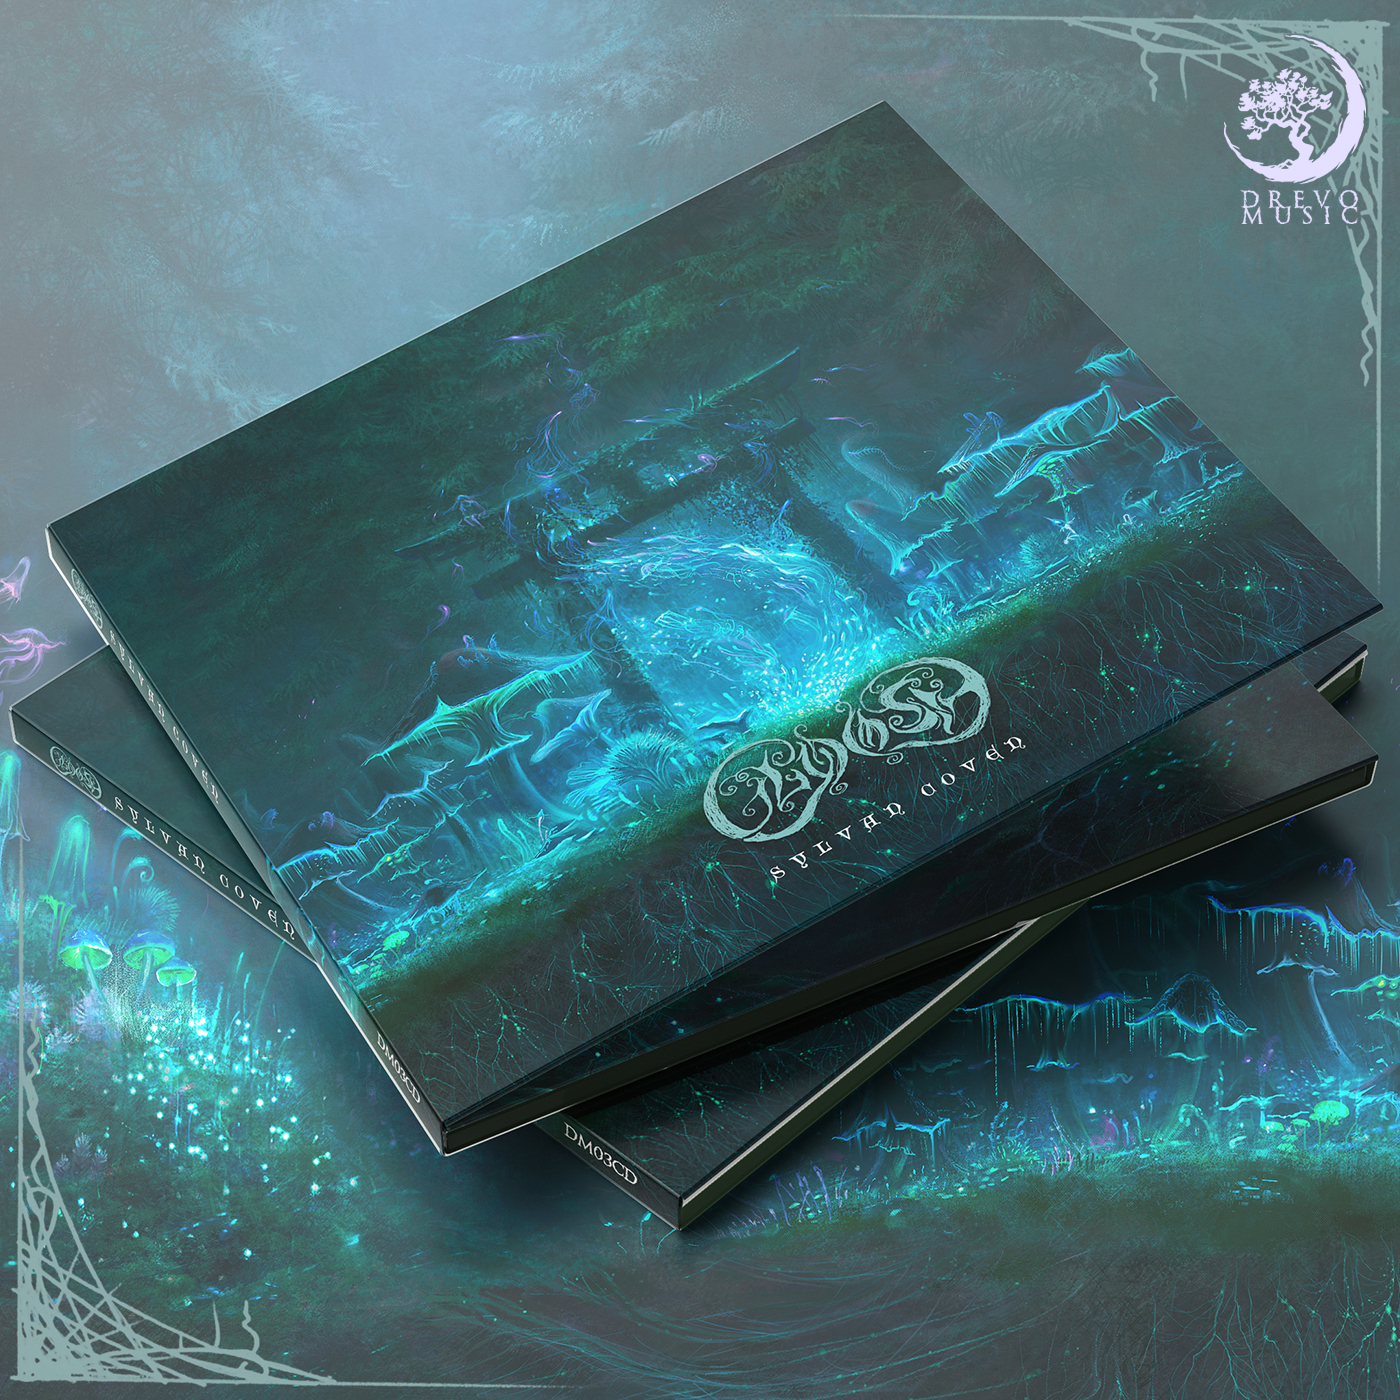 Gloosh - Sylvan Coven, CD